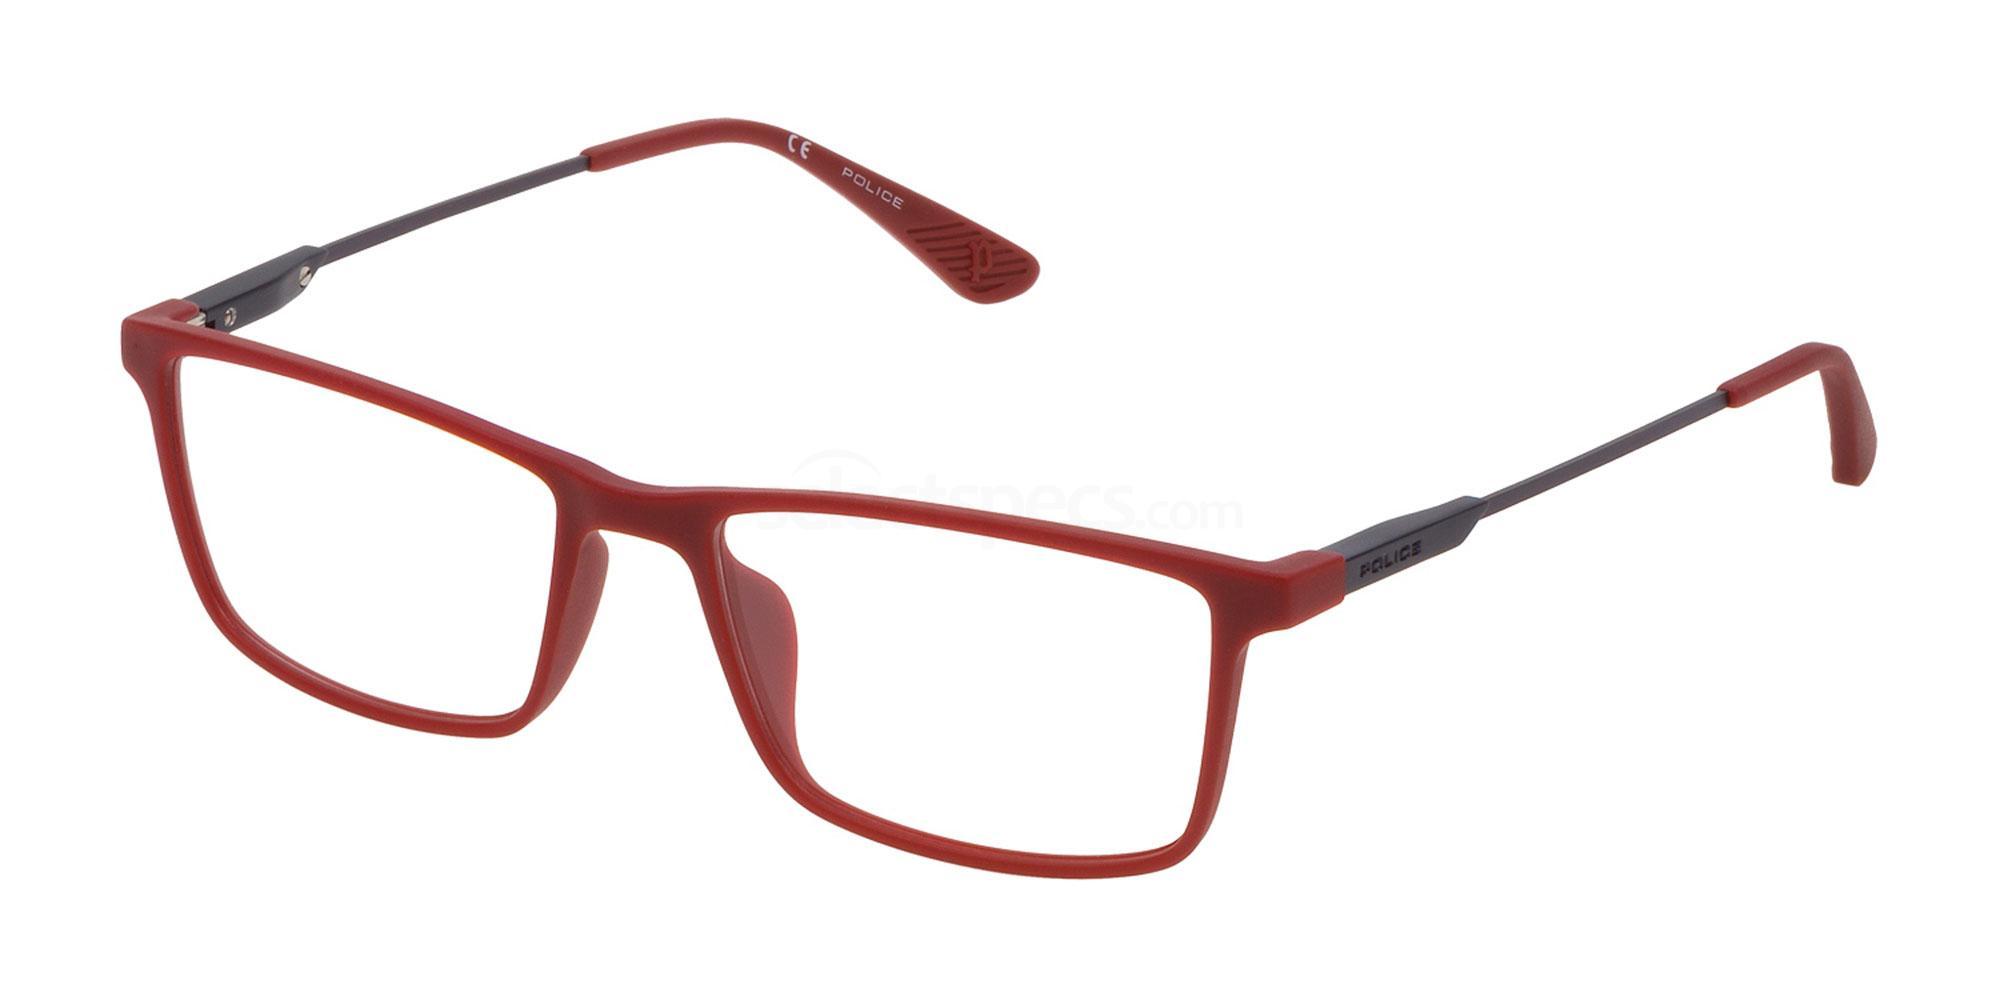 07L2 VPL696 Glasses, Police